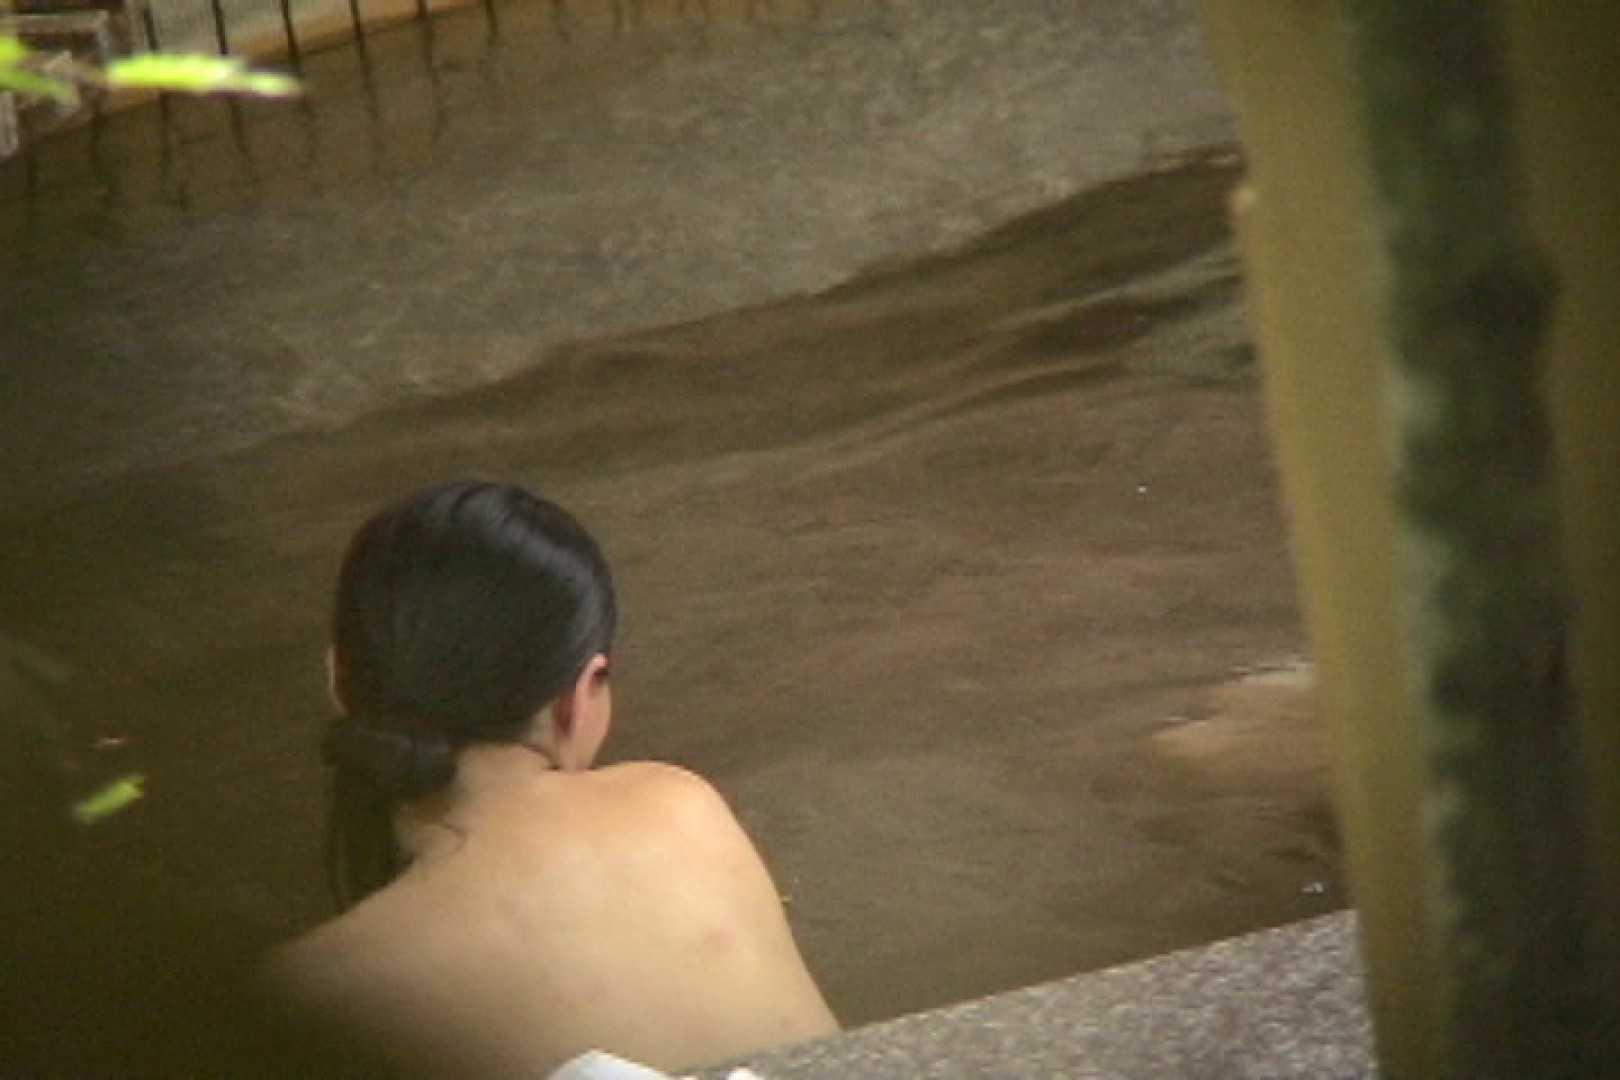 Aquaな露天風呂Vol.711 美しいOLの裸体  97pic 51